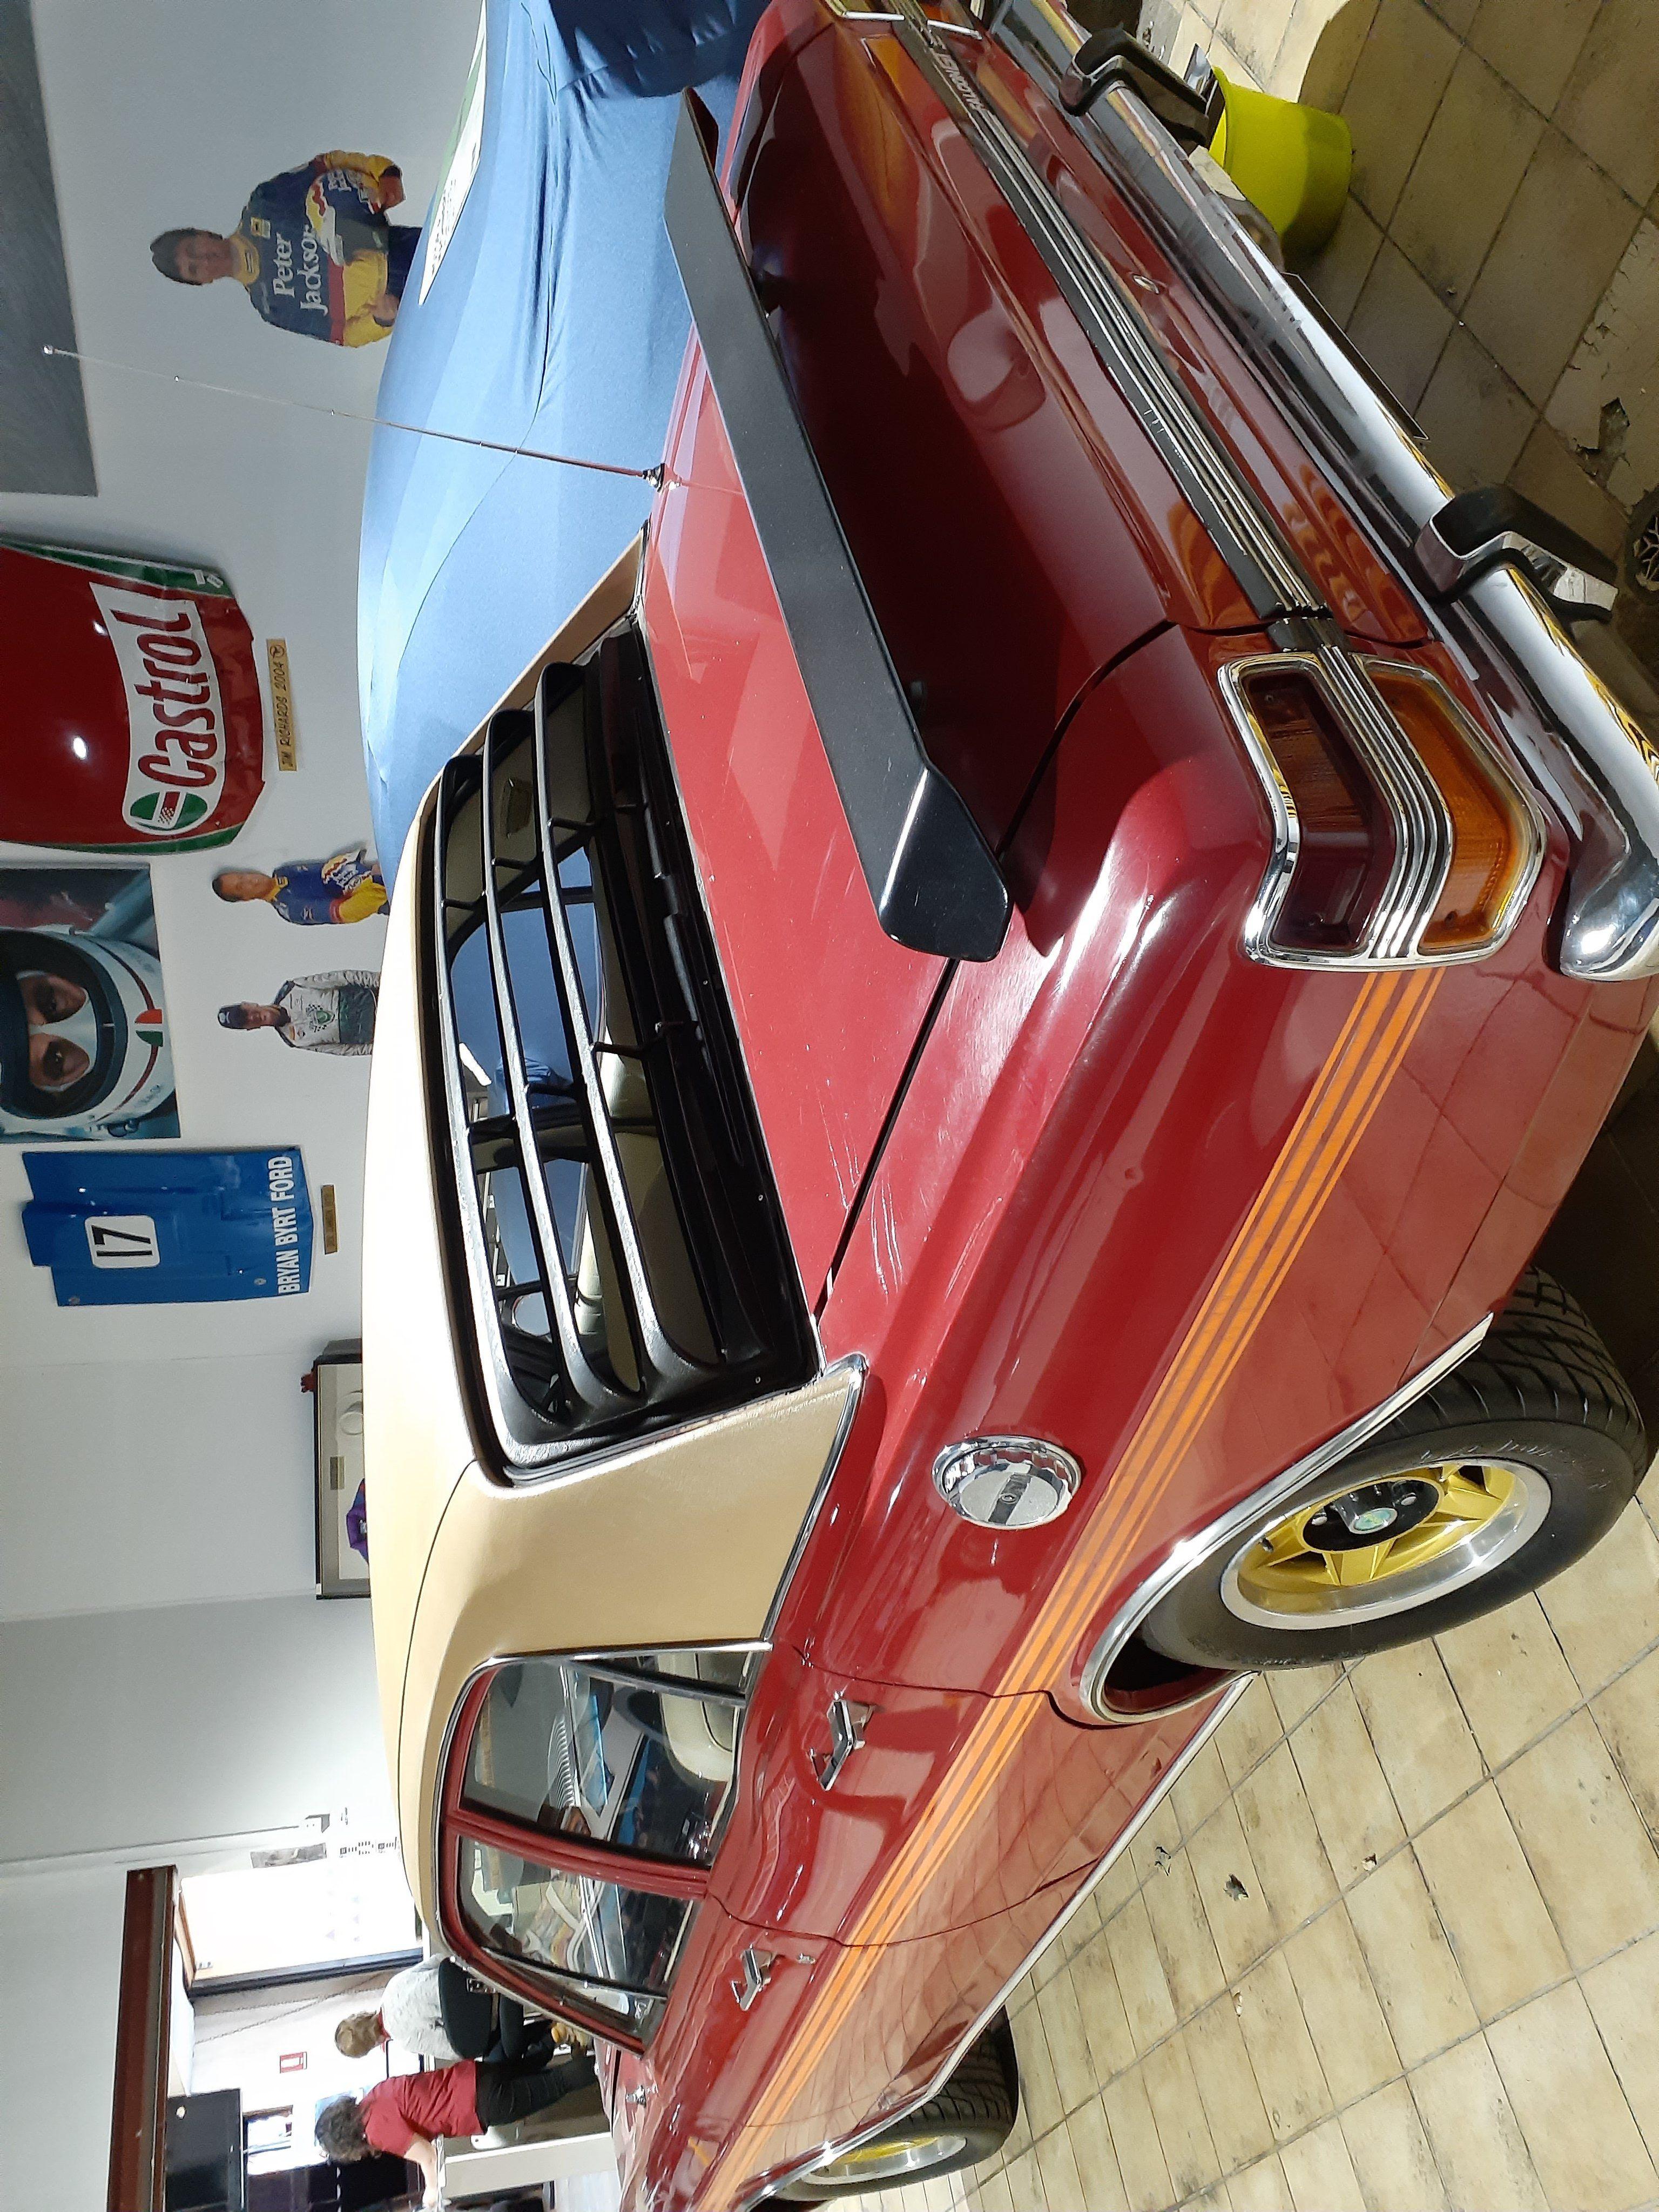 1971 Xy Ford Falcon Gt Sedan Ex Cop Car Ford Falcon Car Sedan